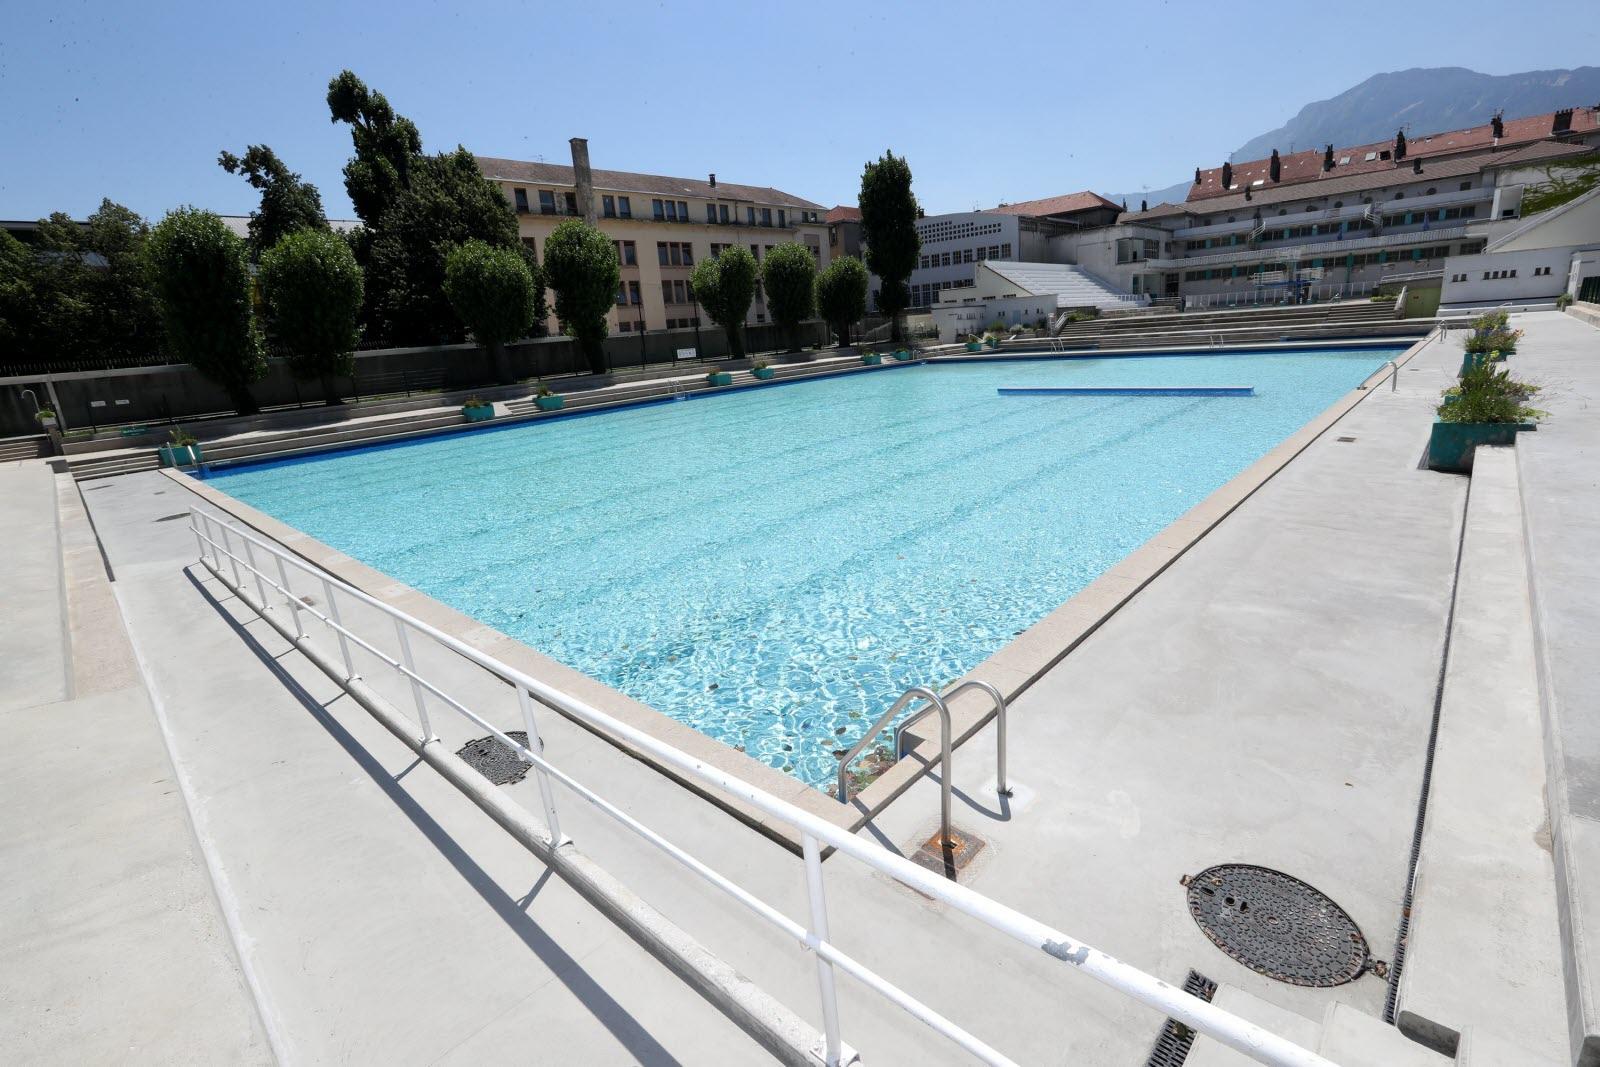 Isère-Sud | Grenoble : Réouverture Progressive De La Piscine ... destiné Piscine Isere